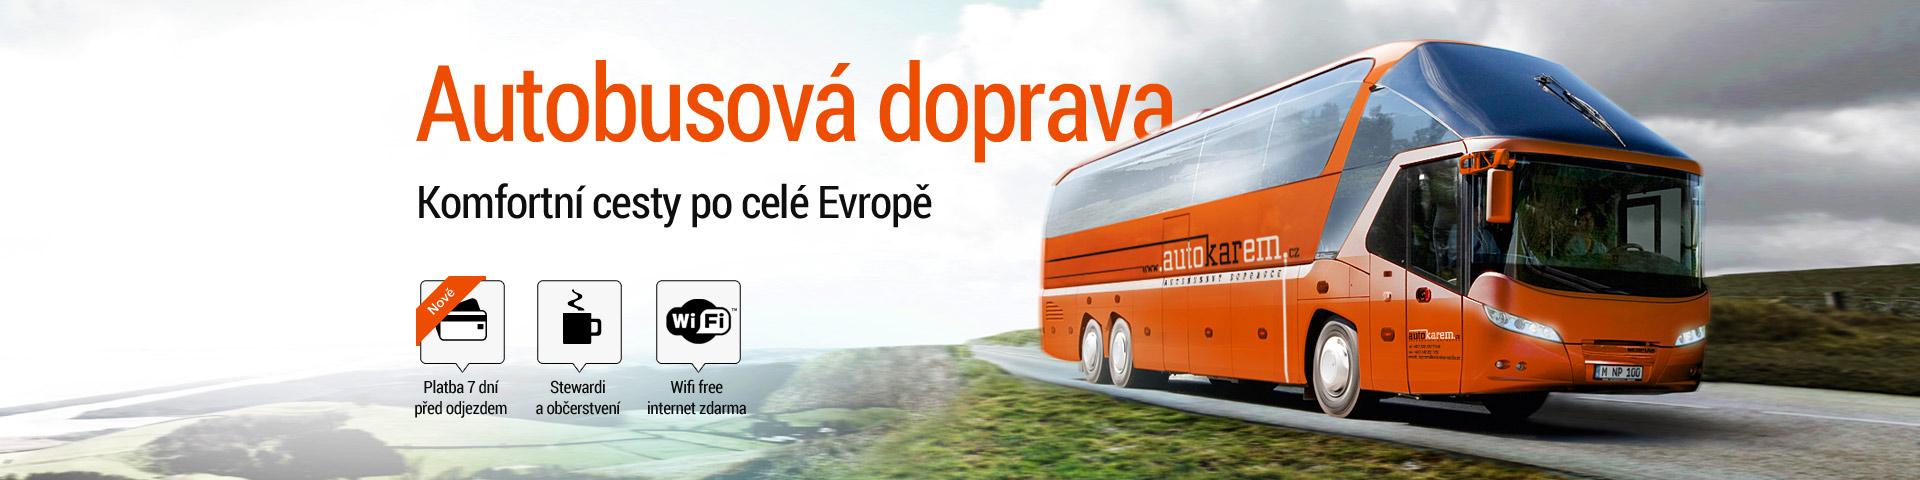 Autobusová doprava Autokarem.cz